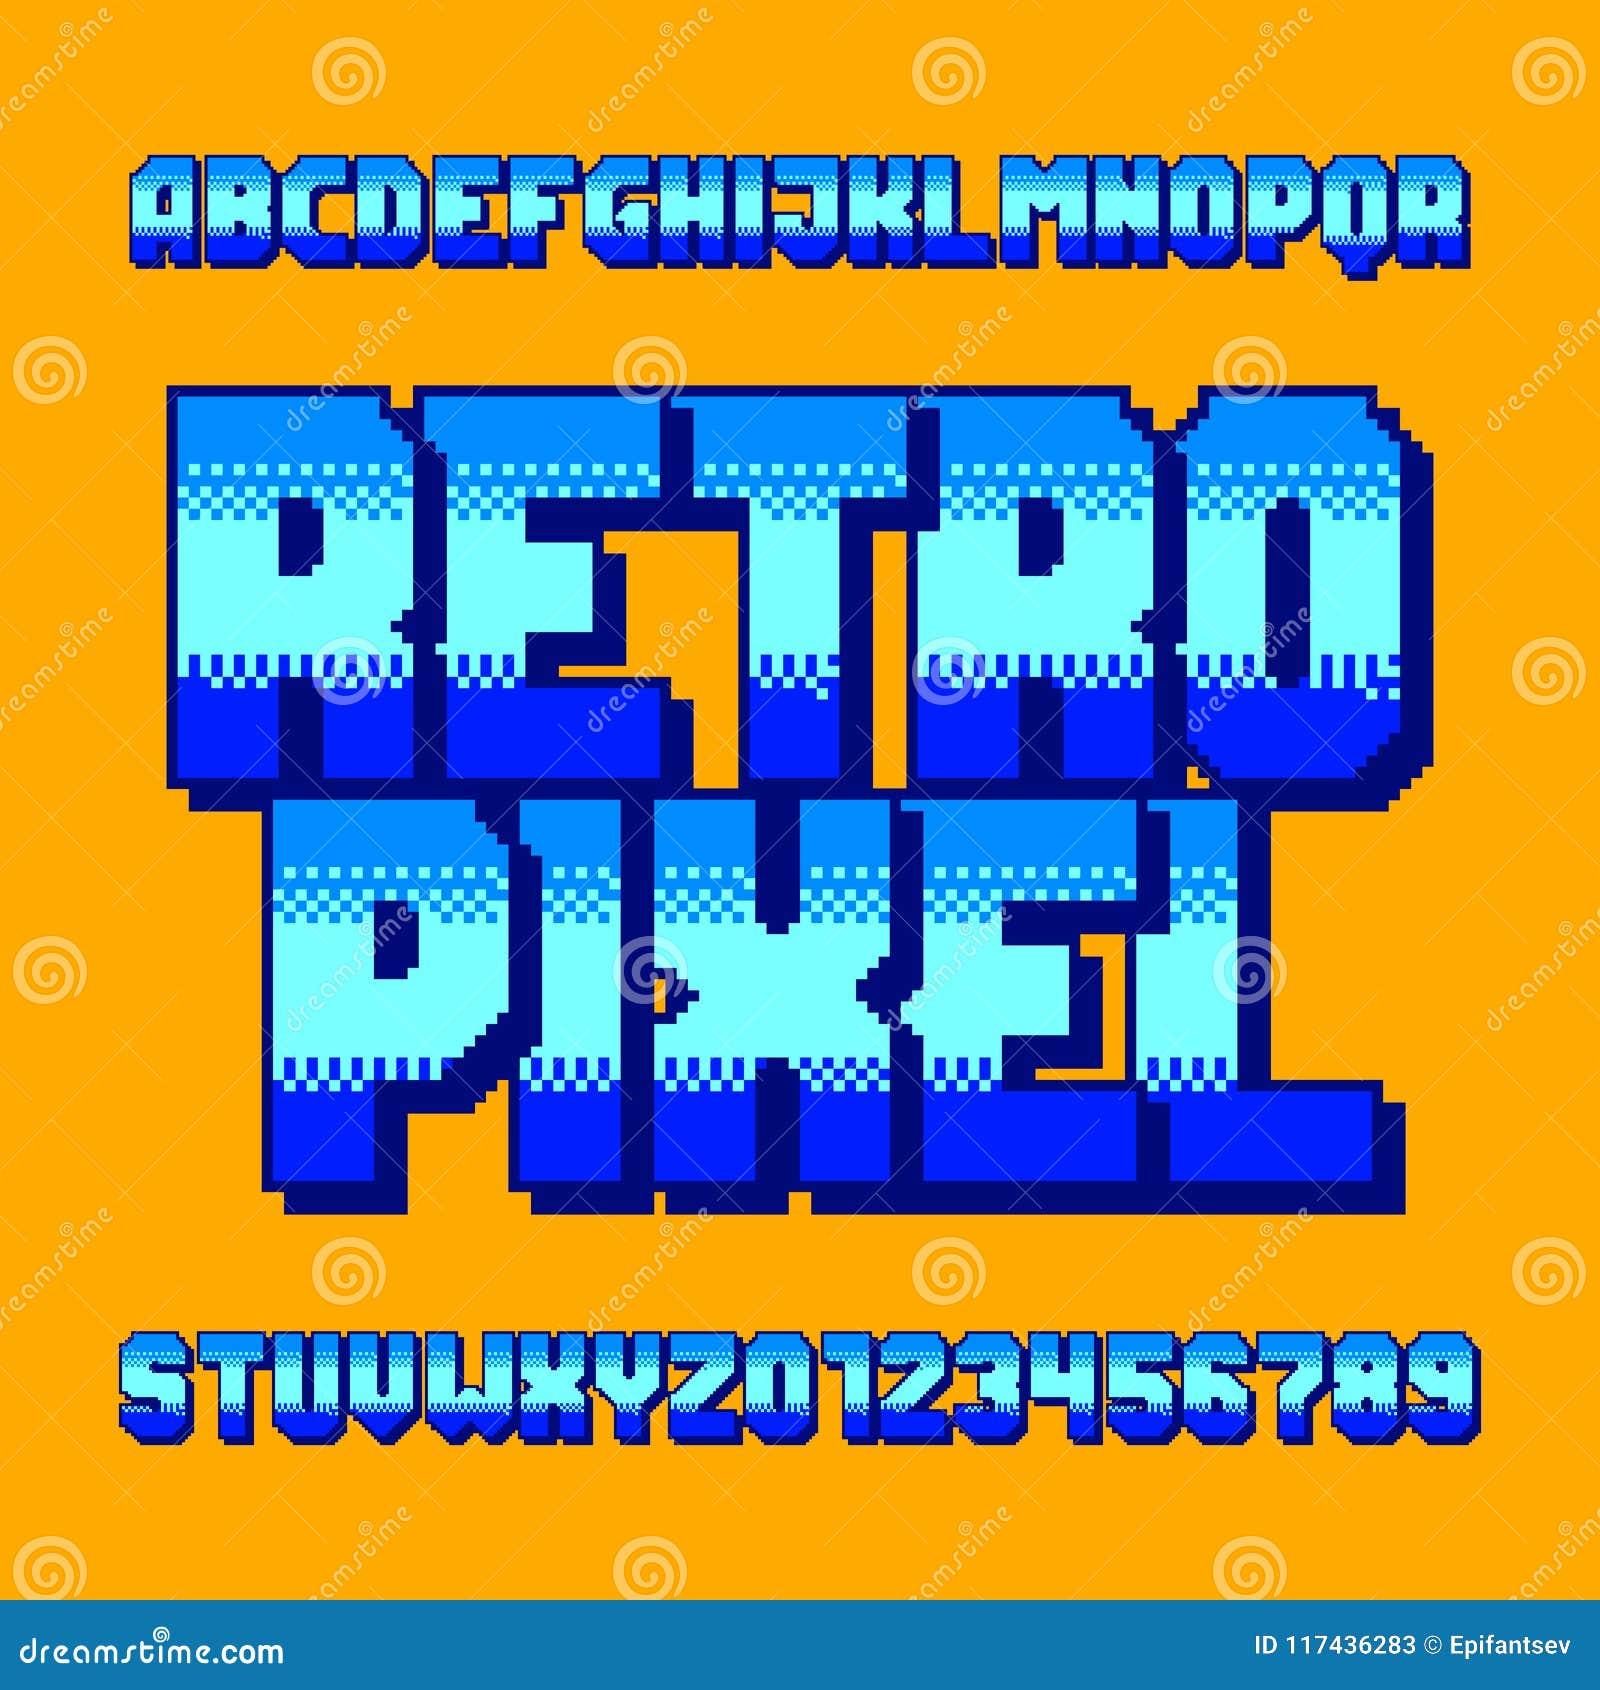 Retro Pixel Alphabet Font. Digital Gradient Letters And